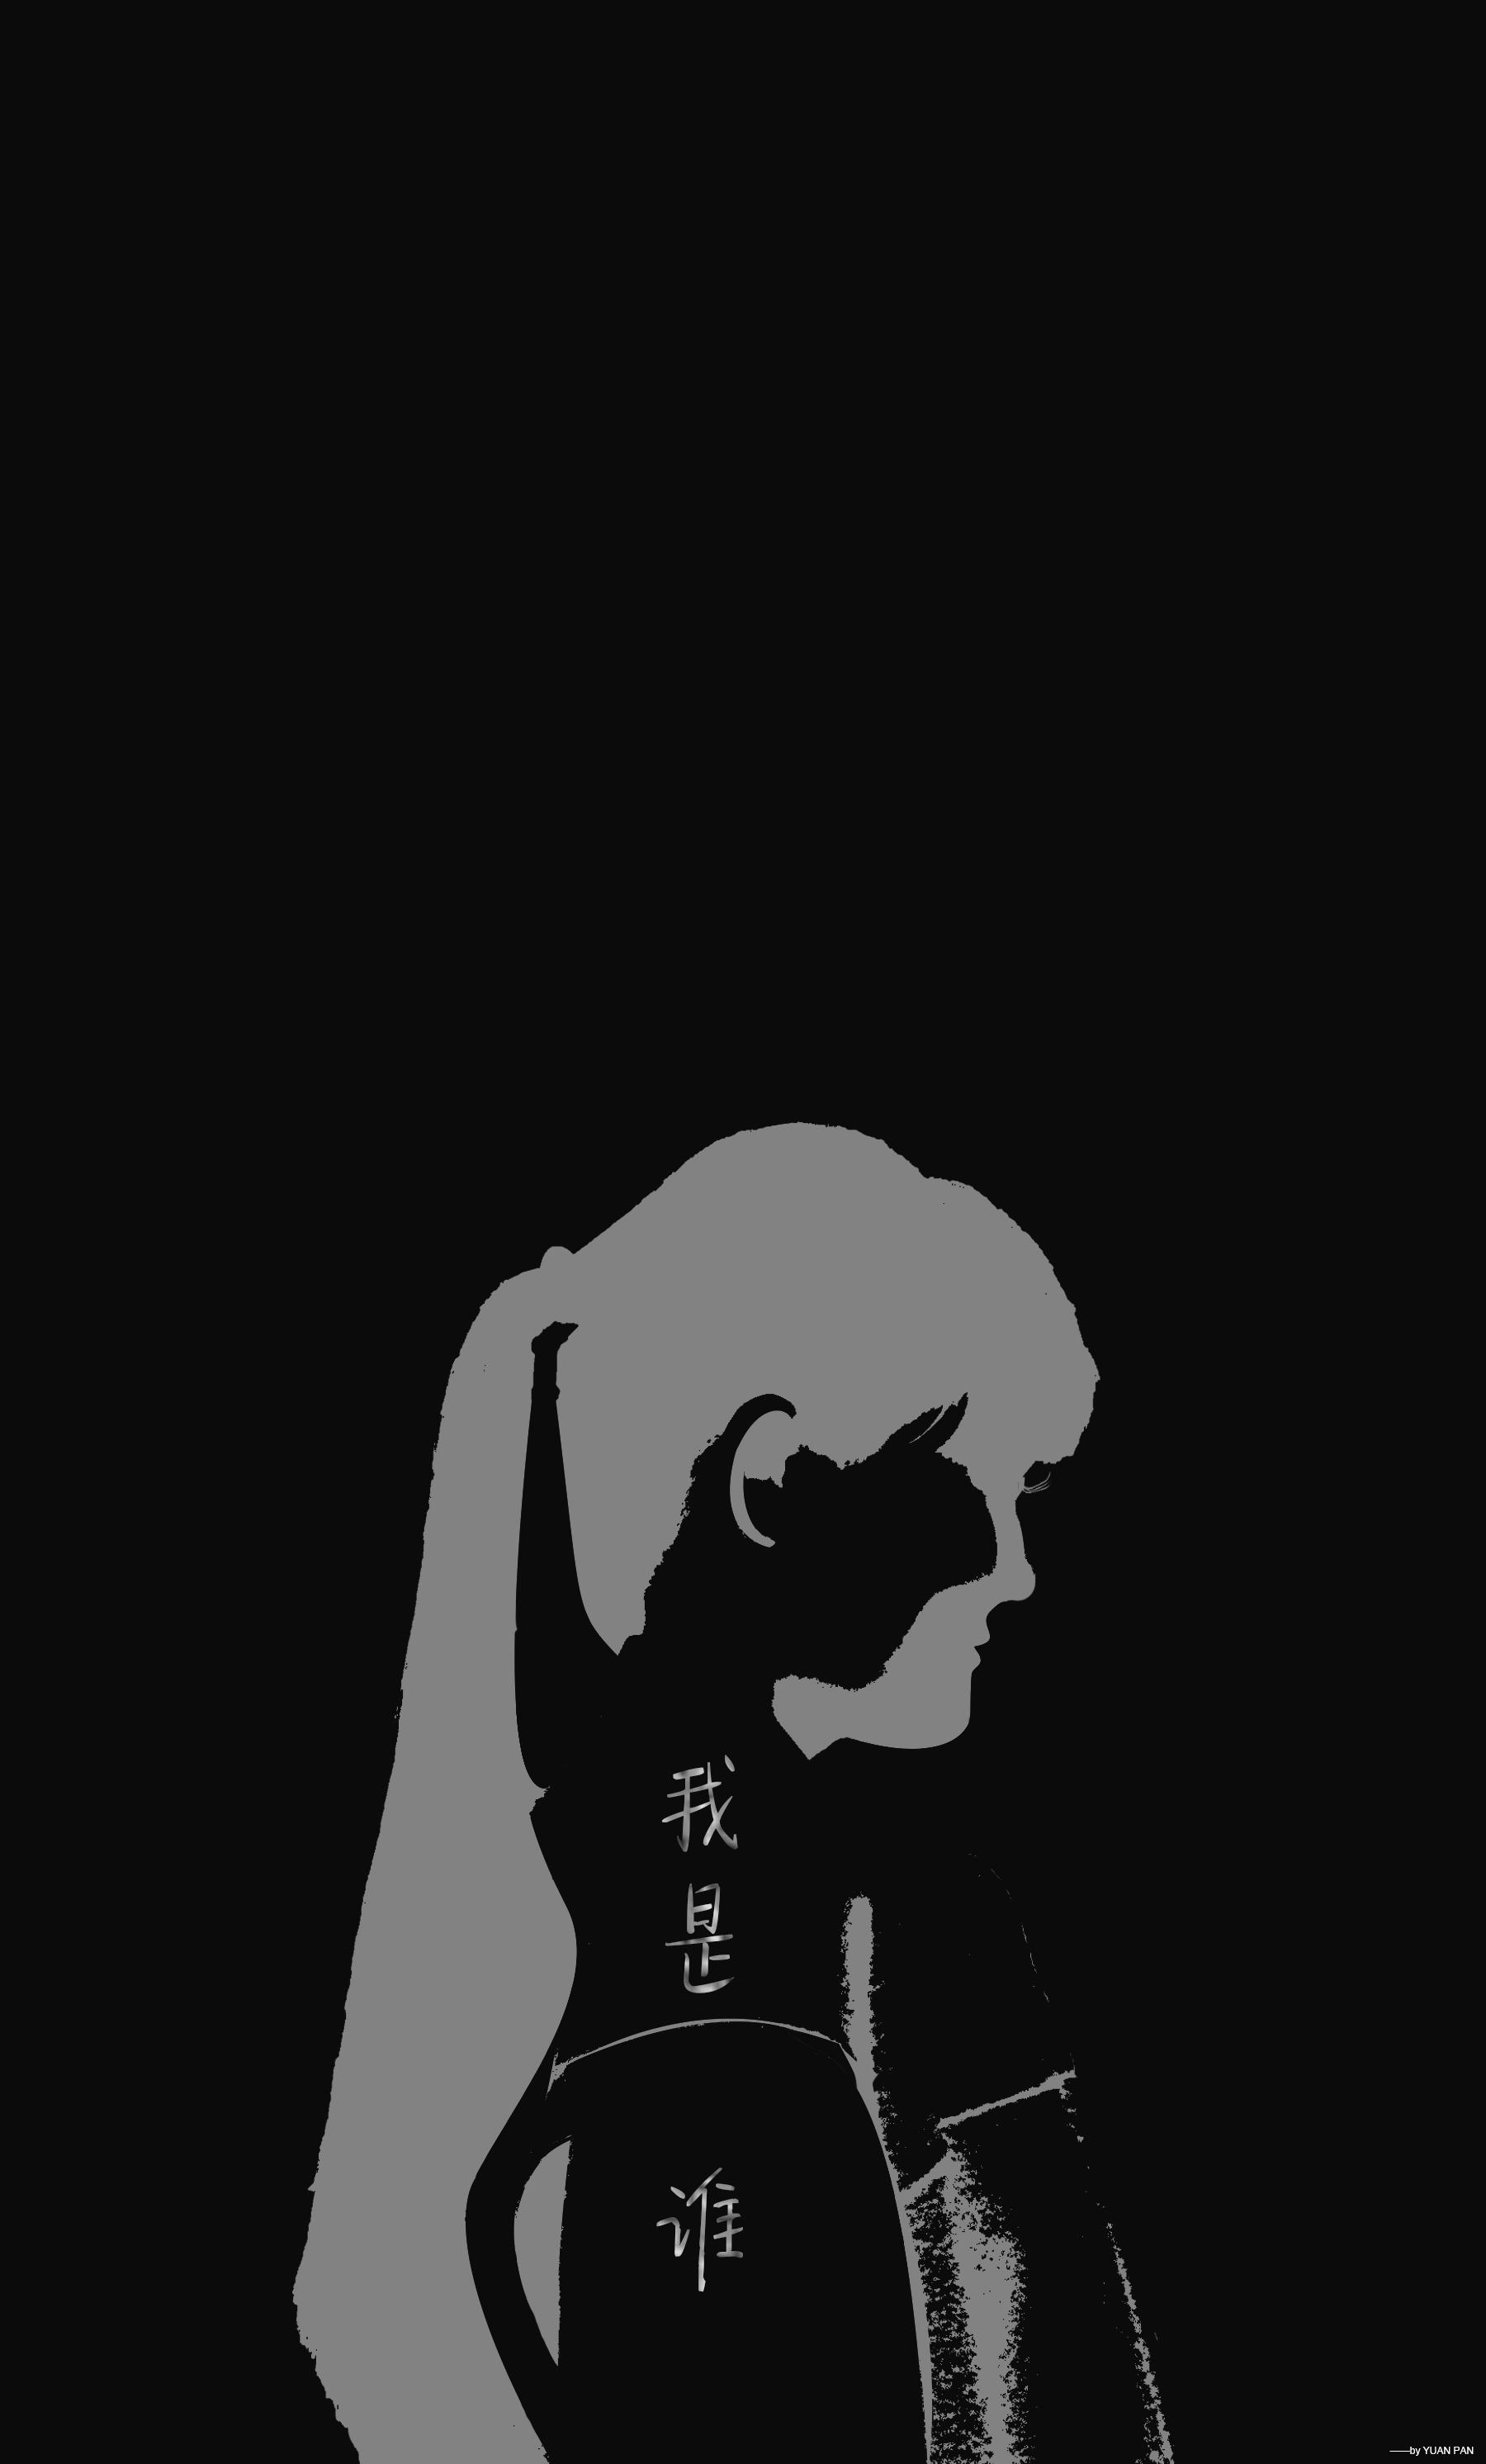 手机壁纸-黑白酷